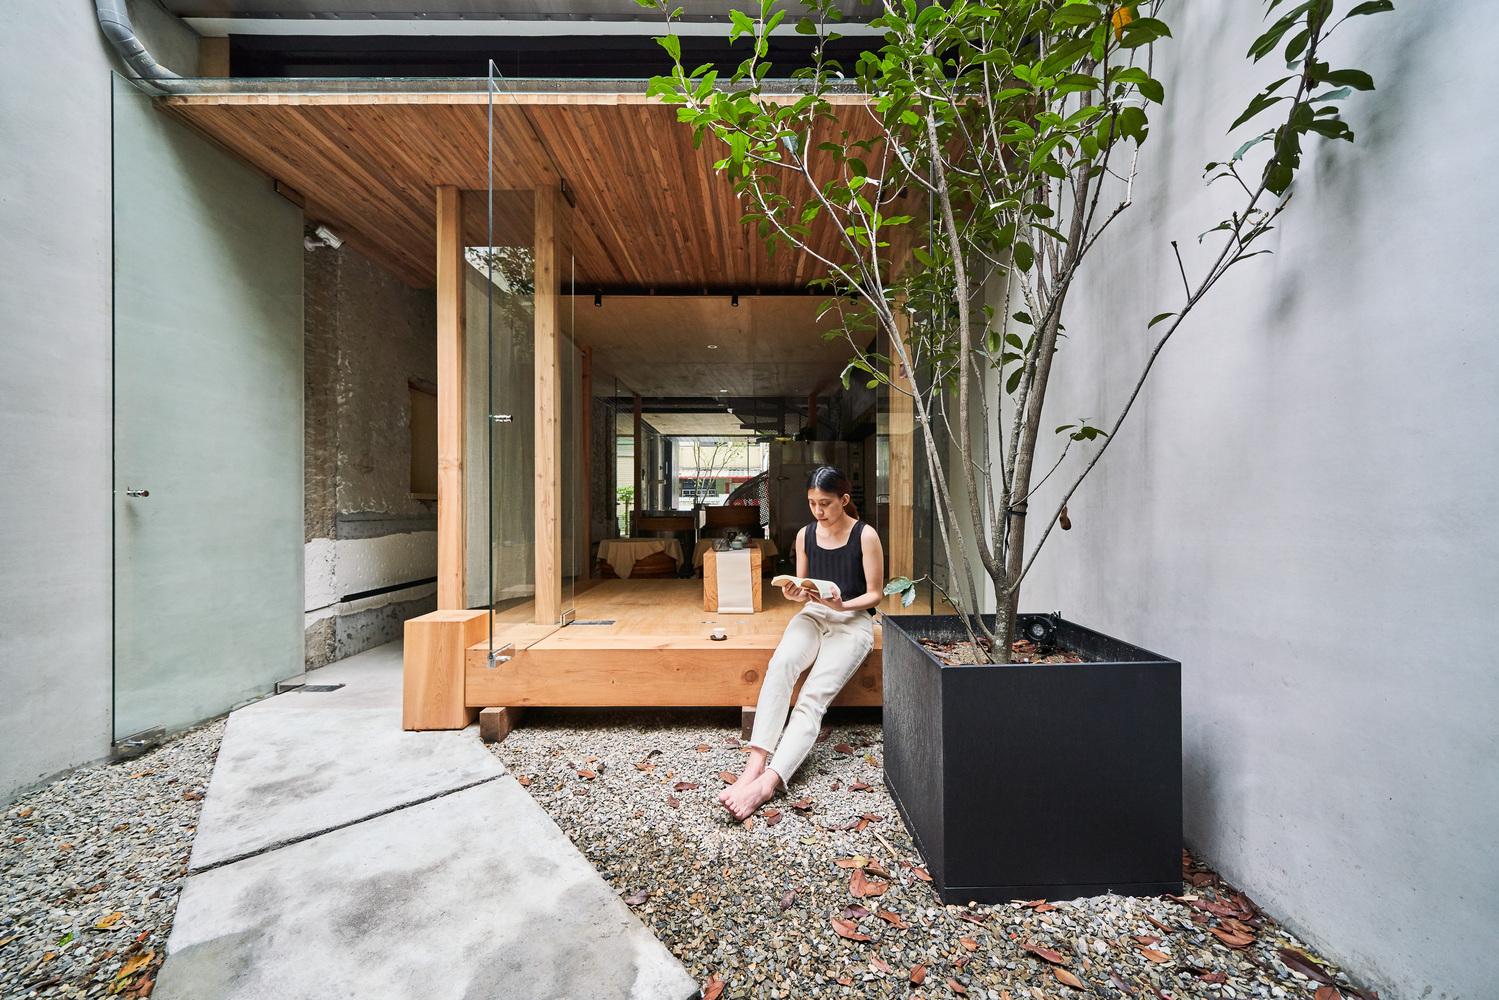 Espacios minimalistas en donde menos en más. Soar, Tea House. Foto: Gentileza.